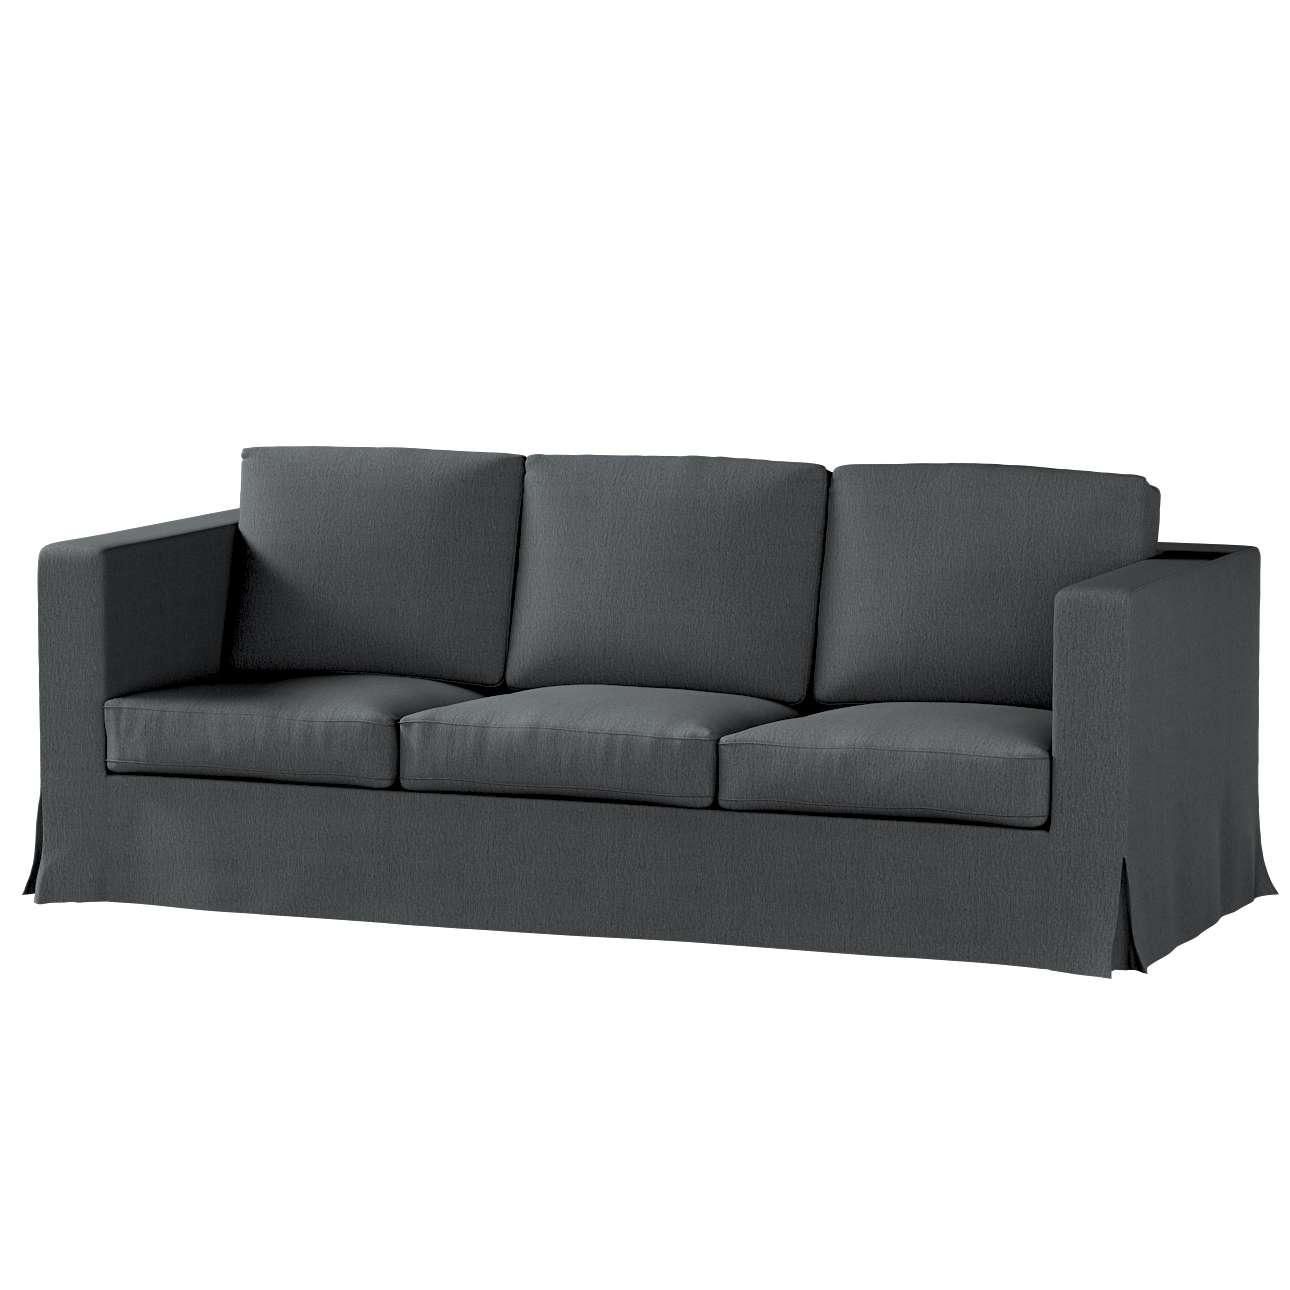 Bezug für Karlanda 3-Sitzer Sofa nicht ausklappbar, lang von der Kollektion Chenille , Stoff: 702-20